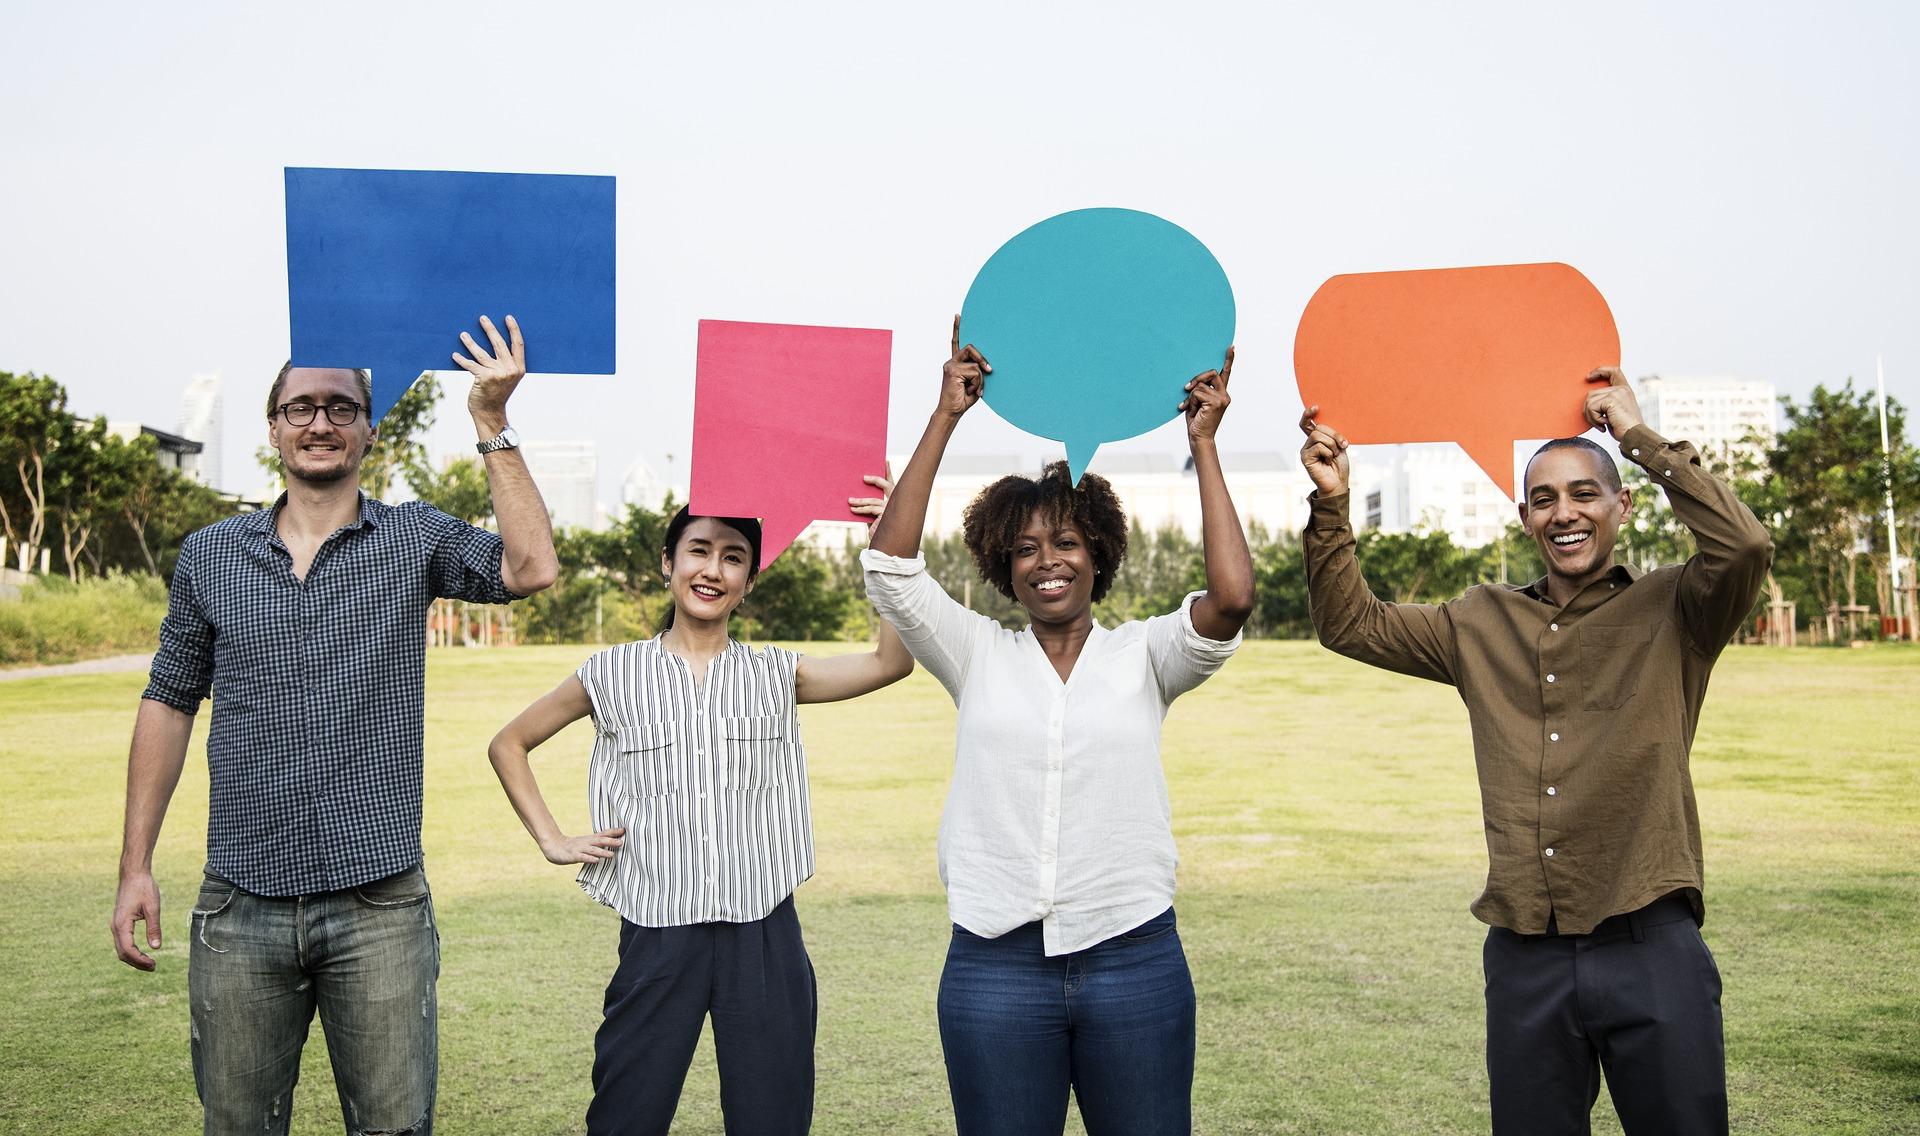 utenti dei social network-commenti social network-consulenza radiofonica-servizi di consulenza radiofonica